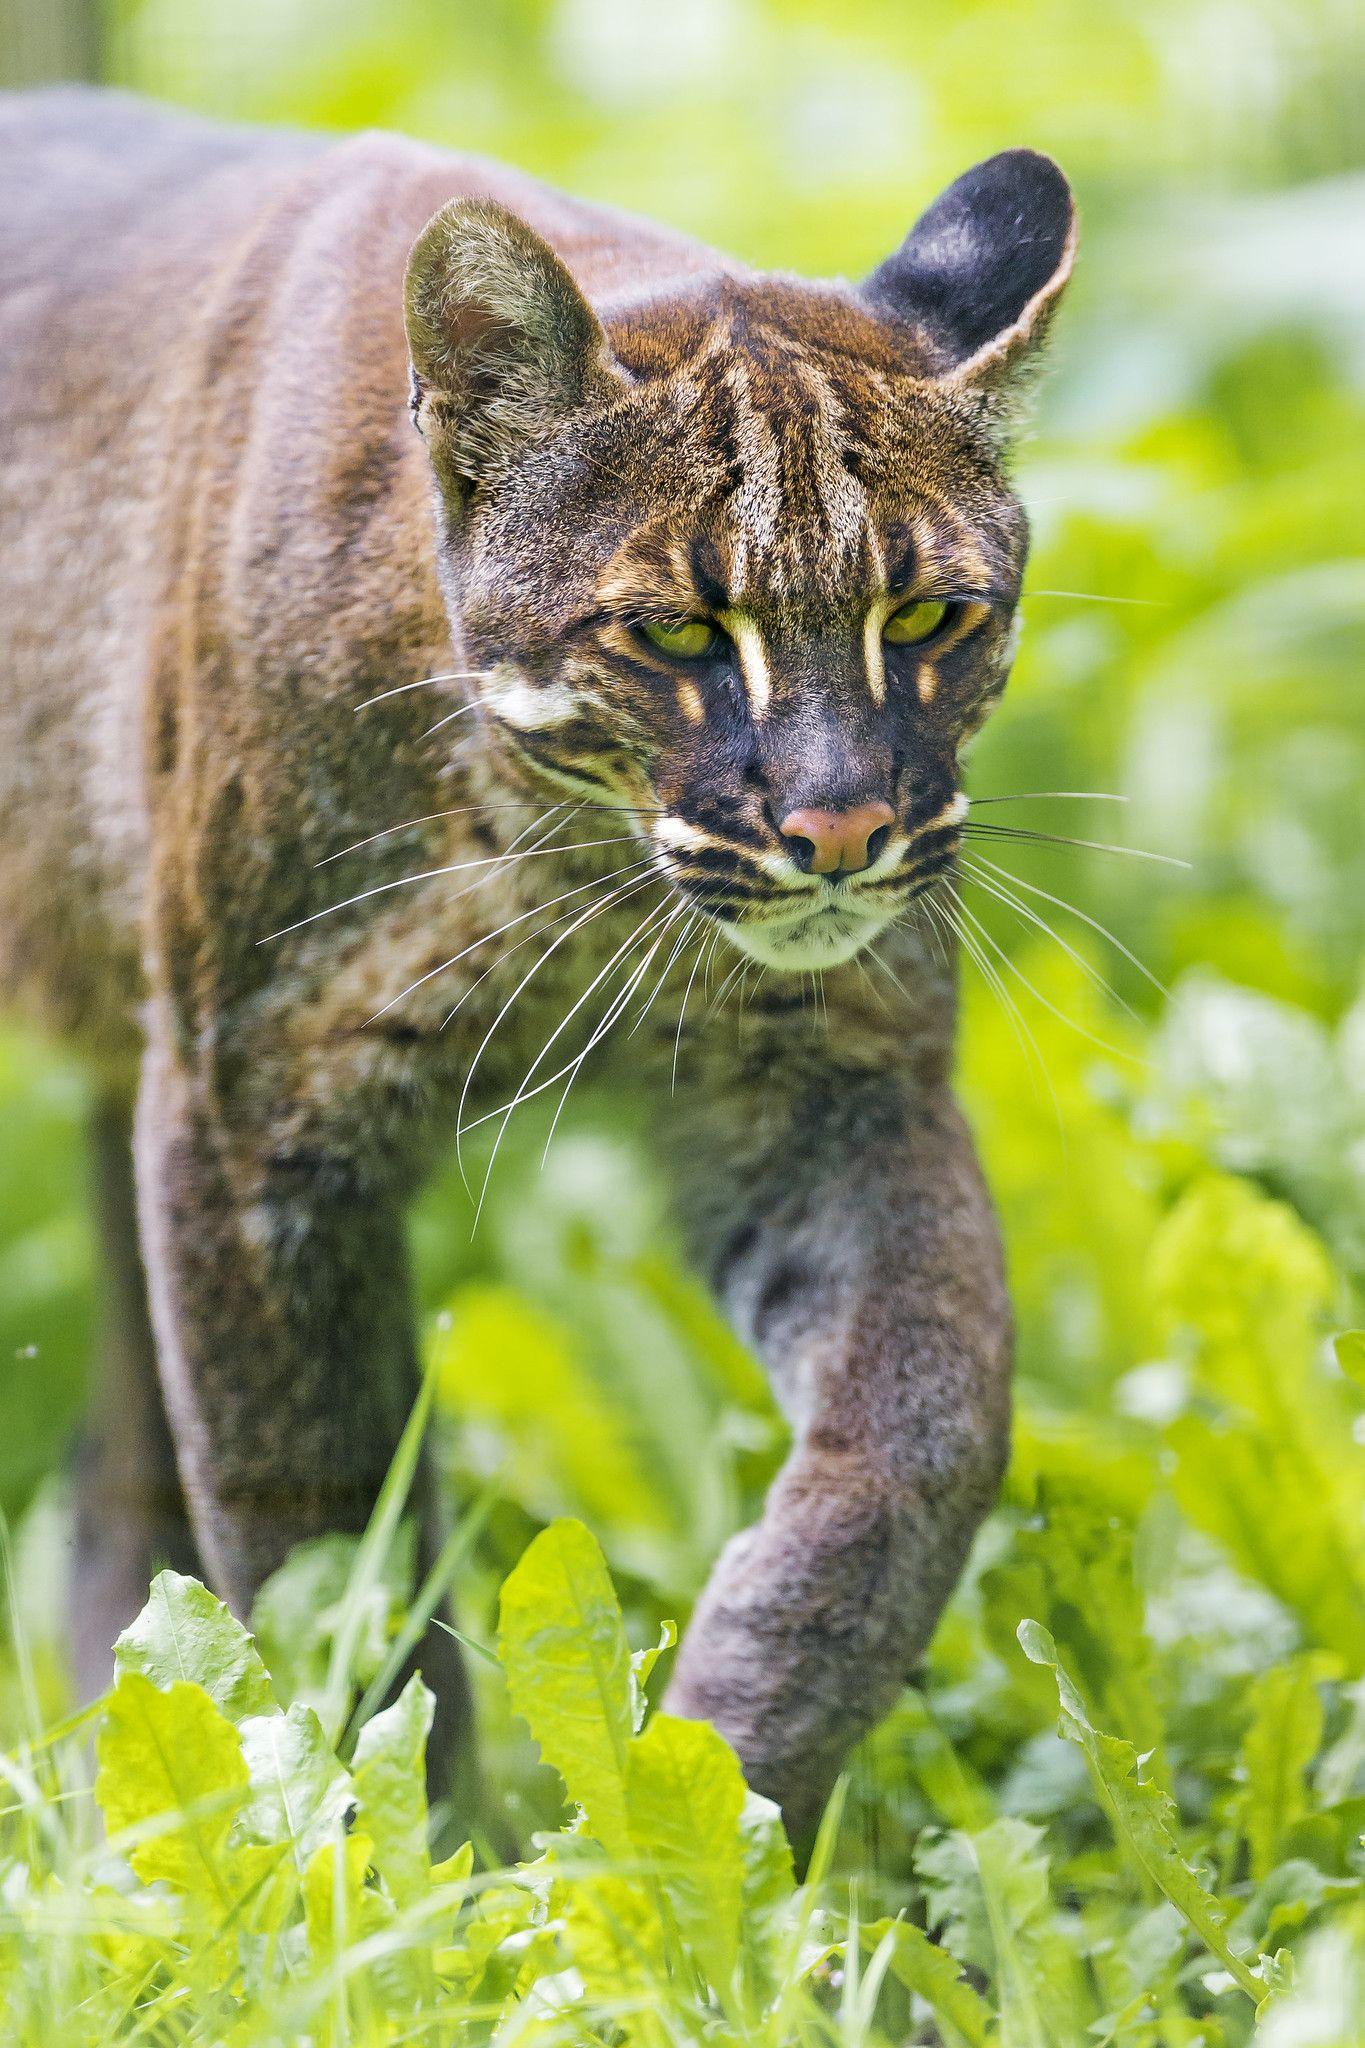 Asian golden cat III (With images) Wild cat species, Cat